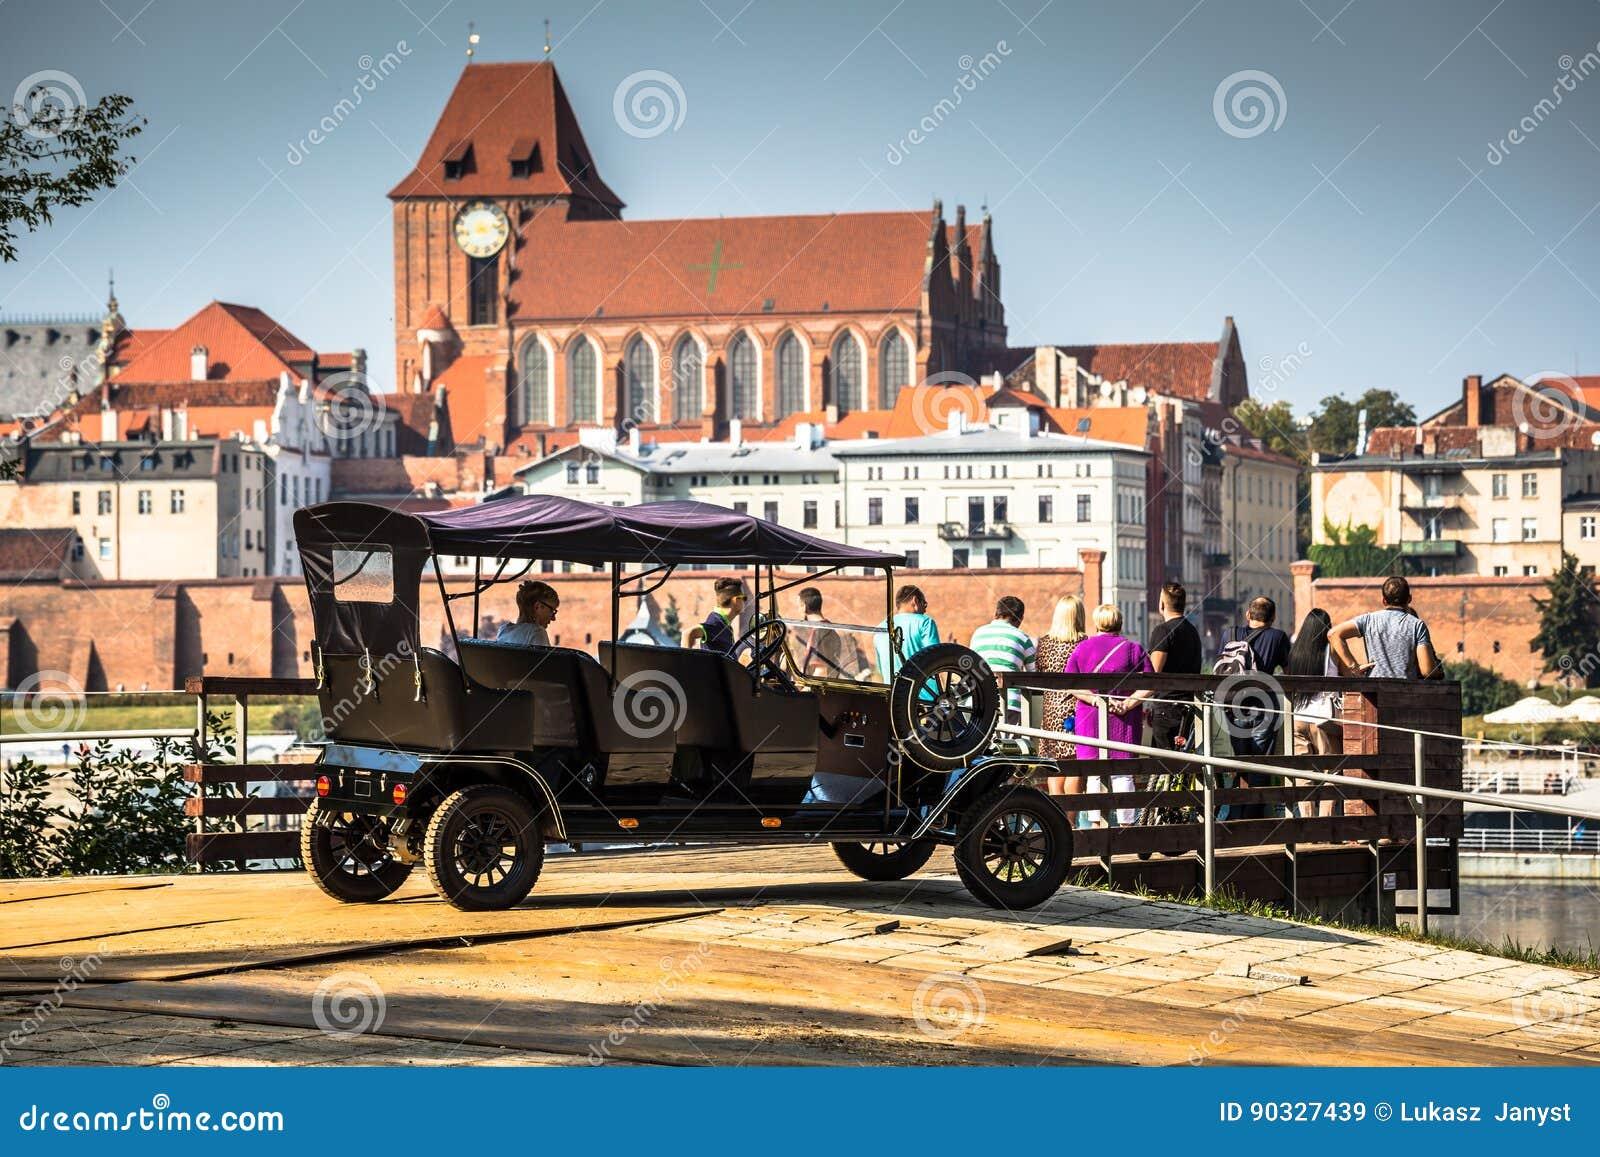 Torun in Poland, Old Town